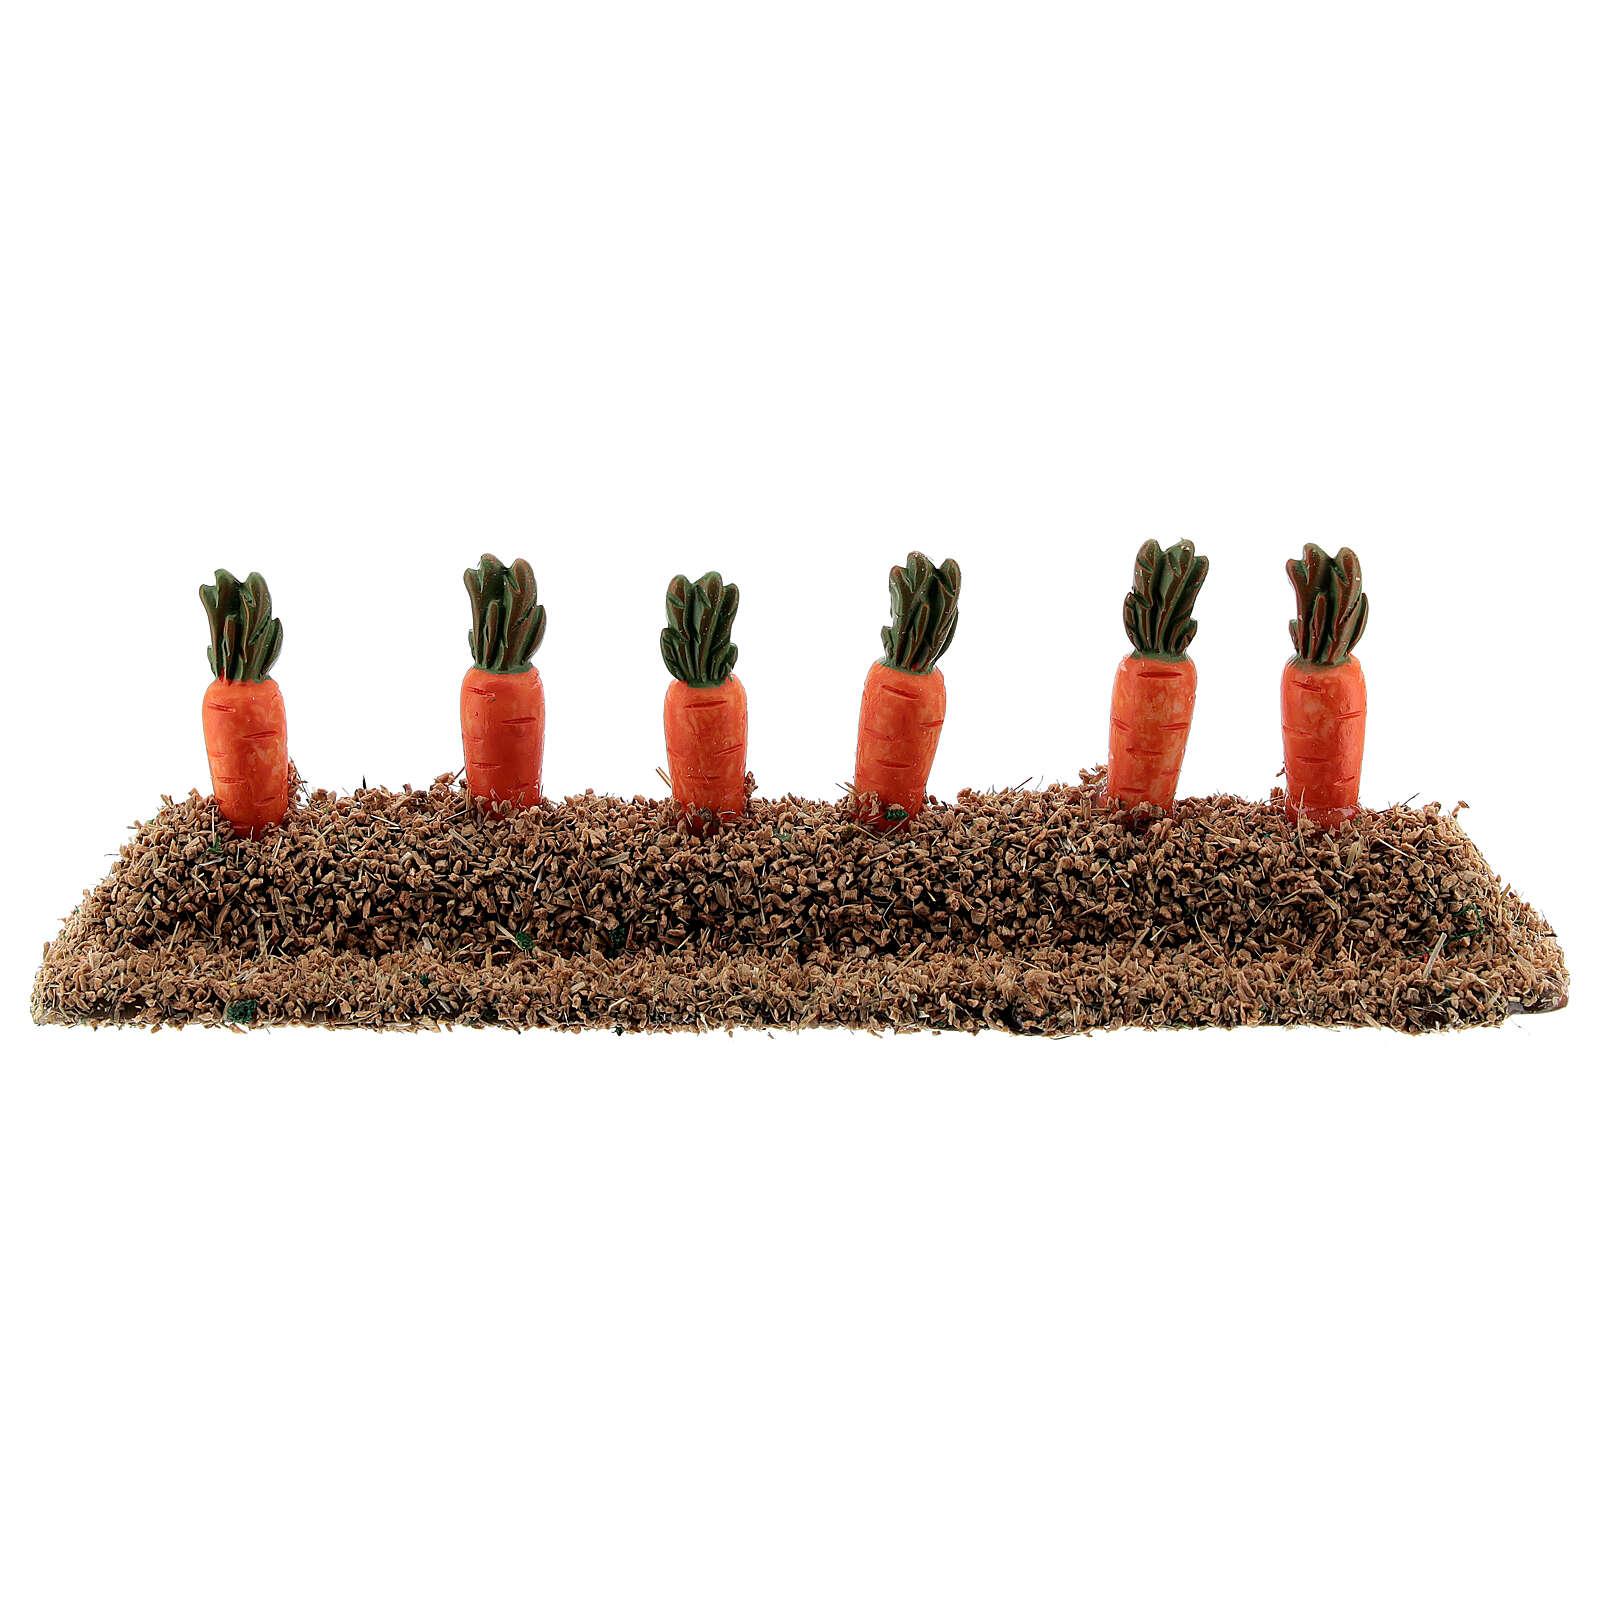 Striscia terra carote resina 10-14 cm 4